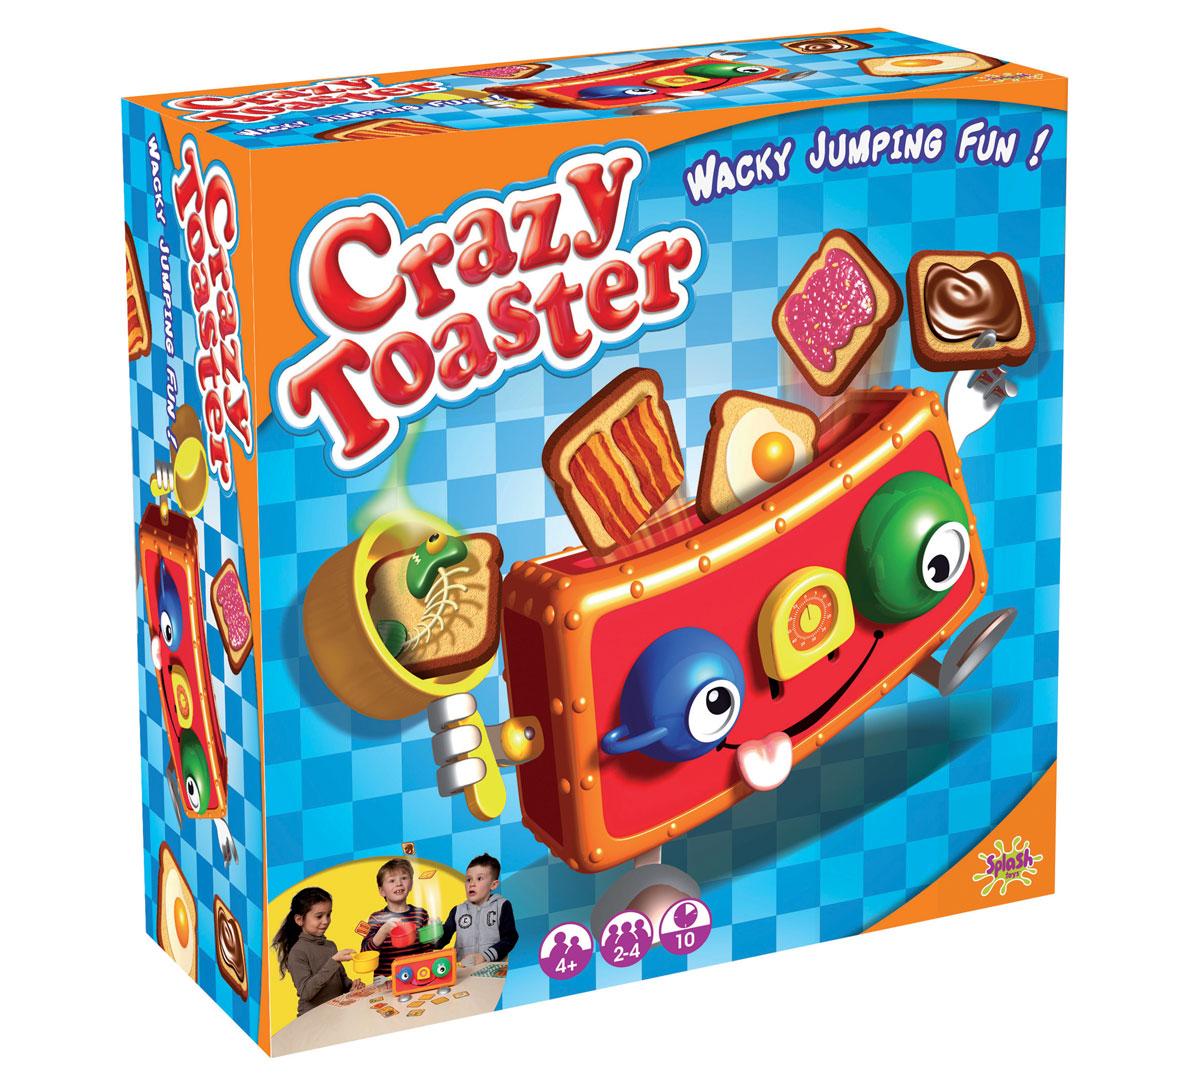 Splash Toys Настольная игра Веселый тостер30106RUSНастольная игра Веселый тостер состоит из игрушечного тостера и пластиковых тостов. Игра заключается в том, чтобы ловить выпрыгивающие из веселого тостера вкусные тосты. А сколько именно тостов выпрыгнет - не знает никто! Побеждает тот, кто поймает больше всех вкусных тостов. Берегись тостов с испорченной рыбой! Тостер, состоит из двух ложек-ножек, двух вилок-ручек и двух чашек-глаз. В наборе тосты с разными начинками и столовые приборы для ловли тостов. Игра развивает ловкость, сообразительность, умение играть в команде.